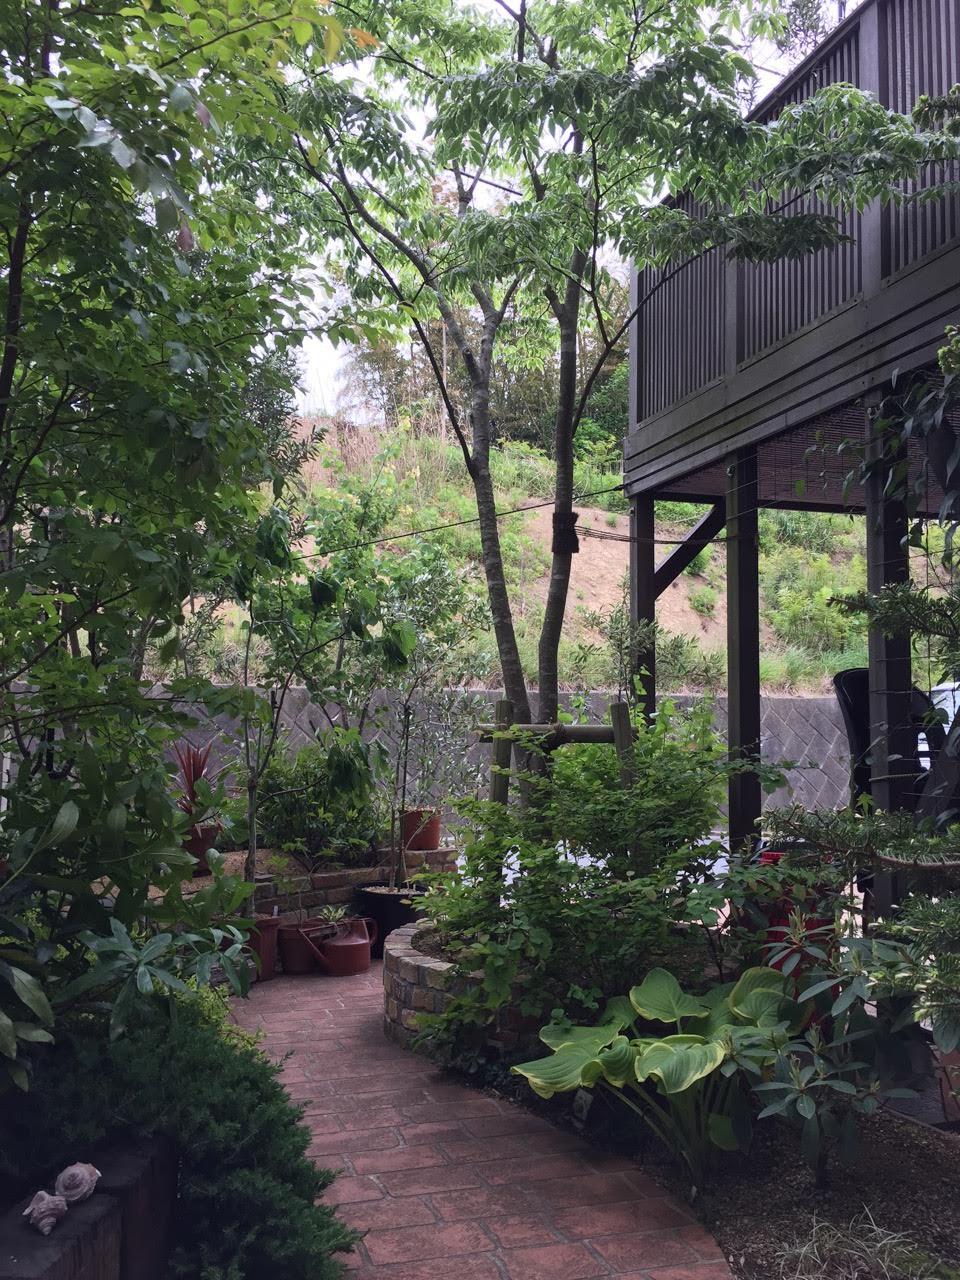 ウッドデッキに植栽 良い景色です